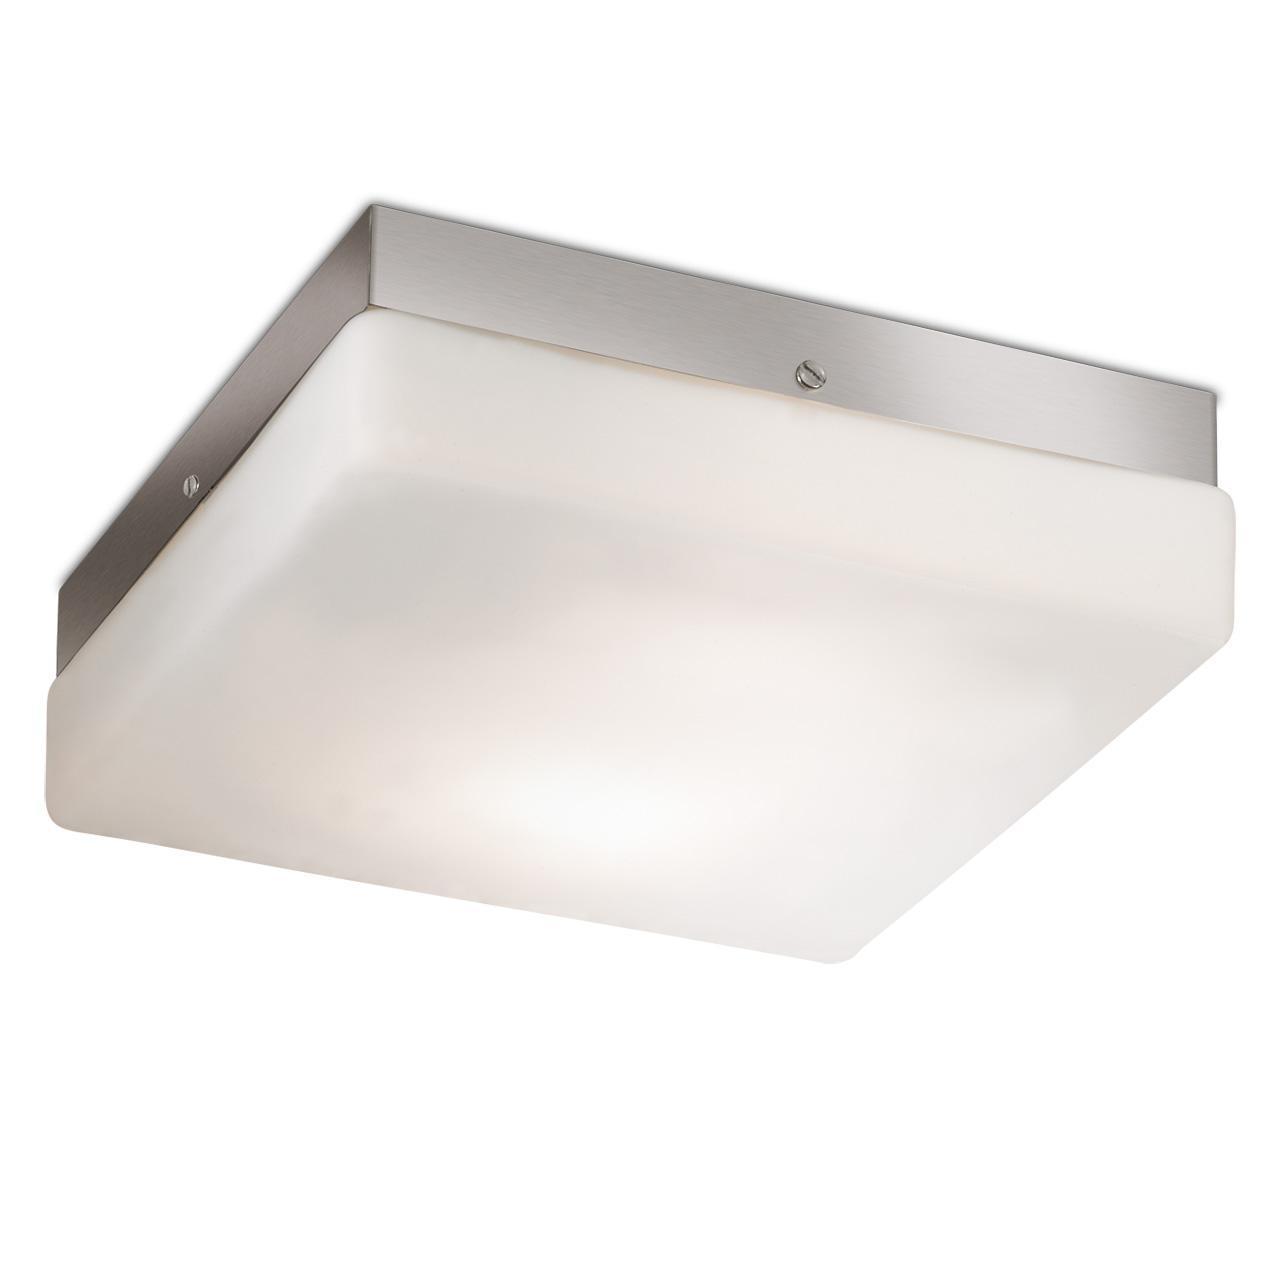 Потолочный светильник Odeon Light Hill 2406/1C потолочный светильник odeon light hill 2406 1c